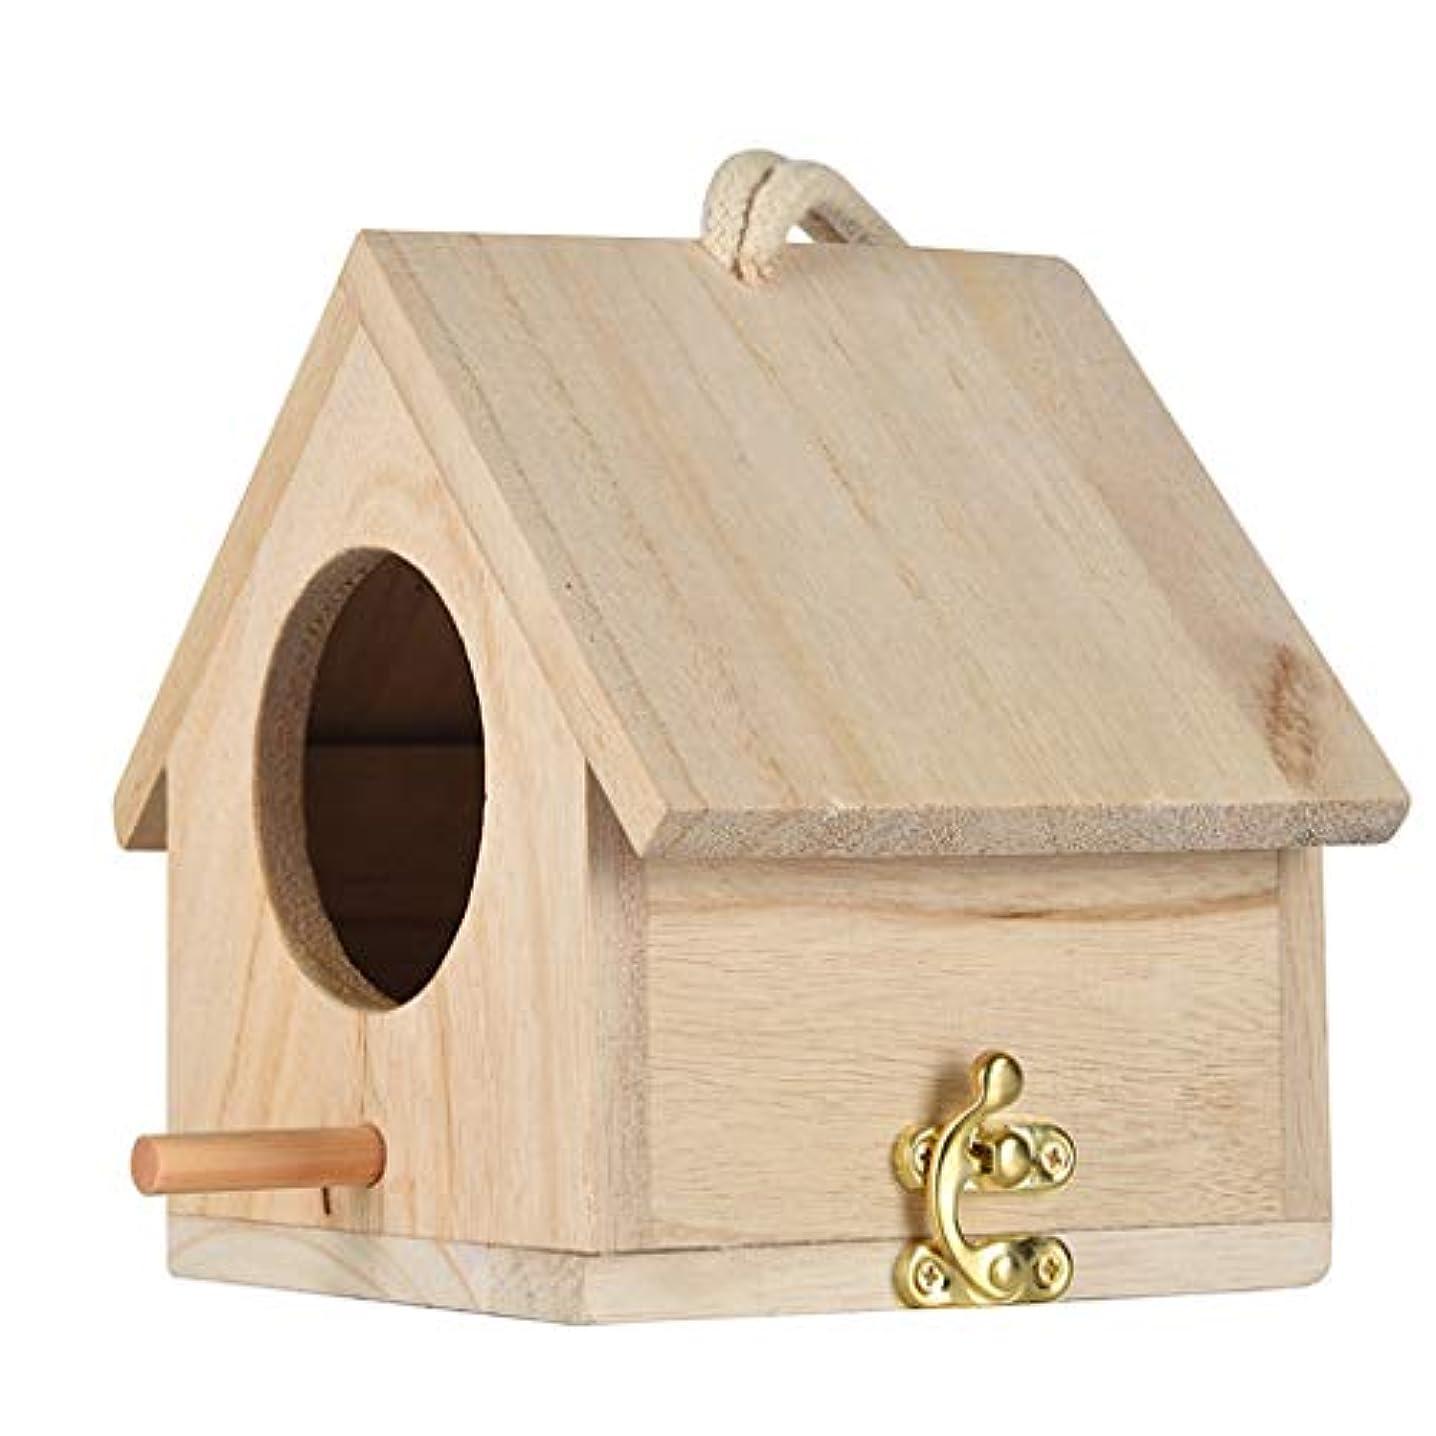 謝る広告主申請者Jun® 大きな巣巣の家鳥の家鳥の家鳥箱鳥箱木箱